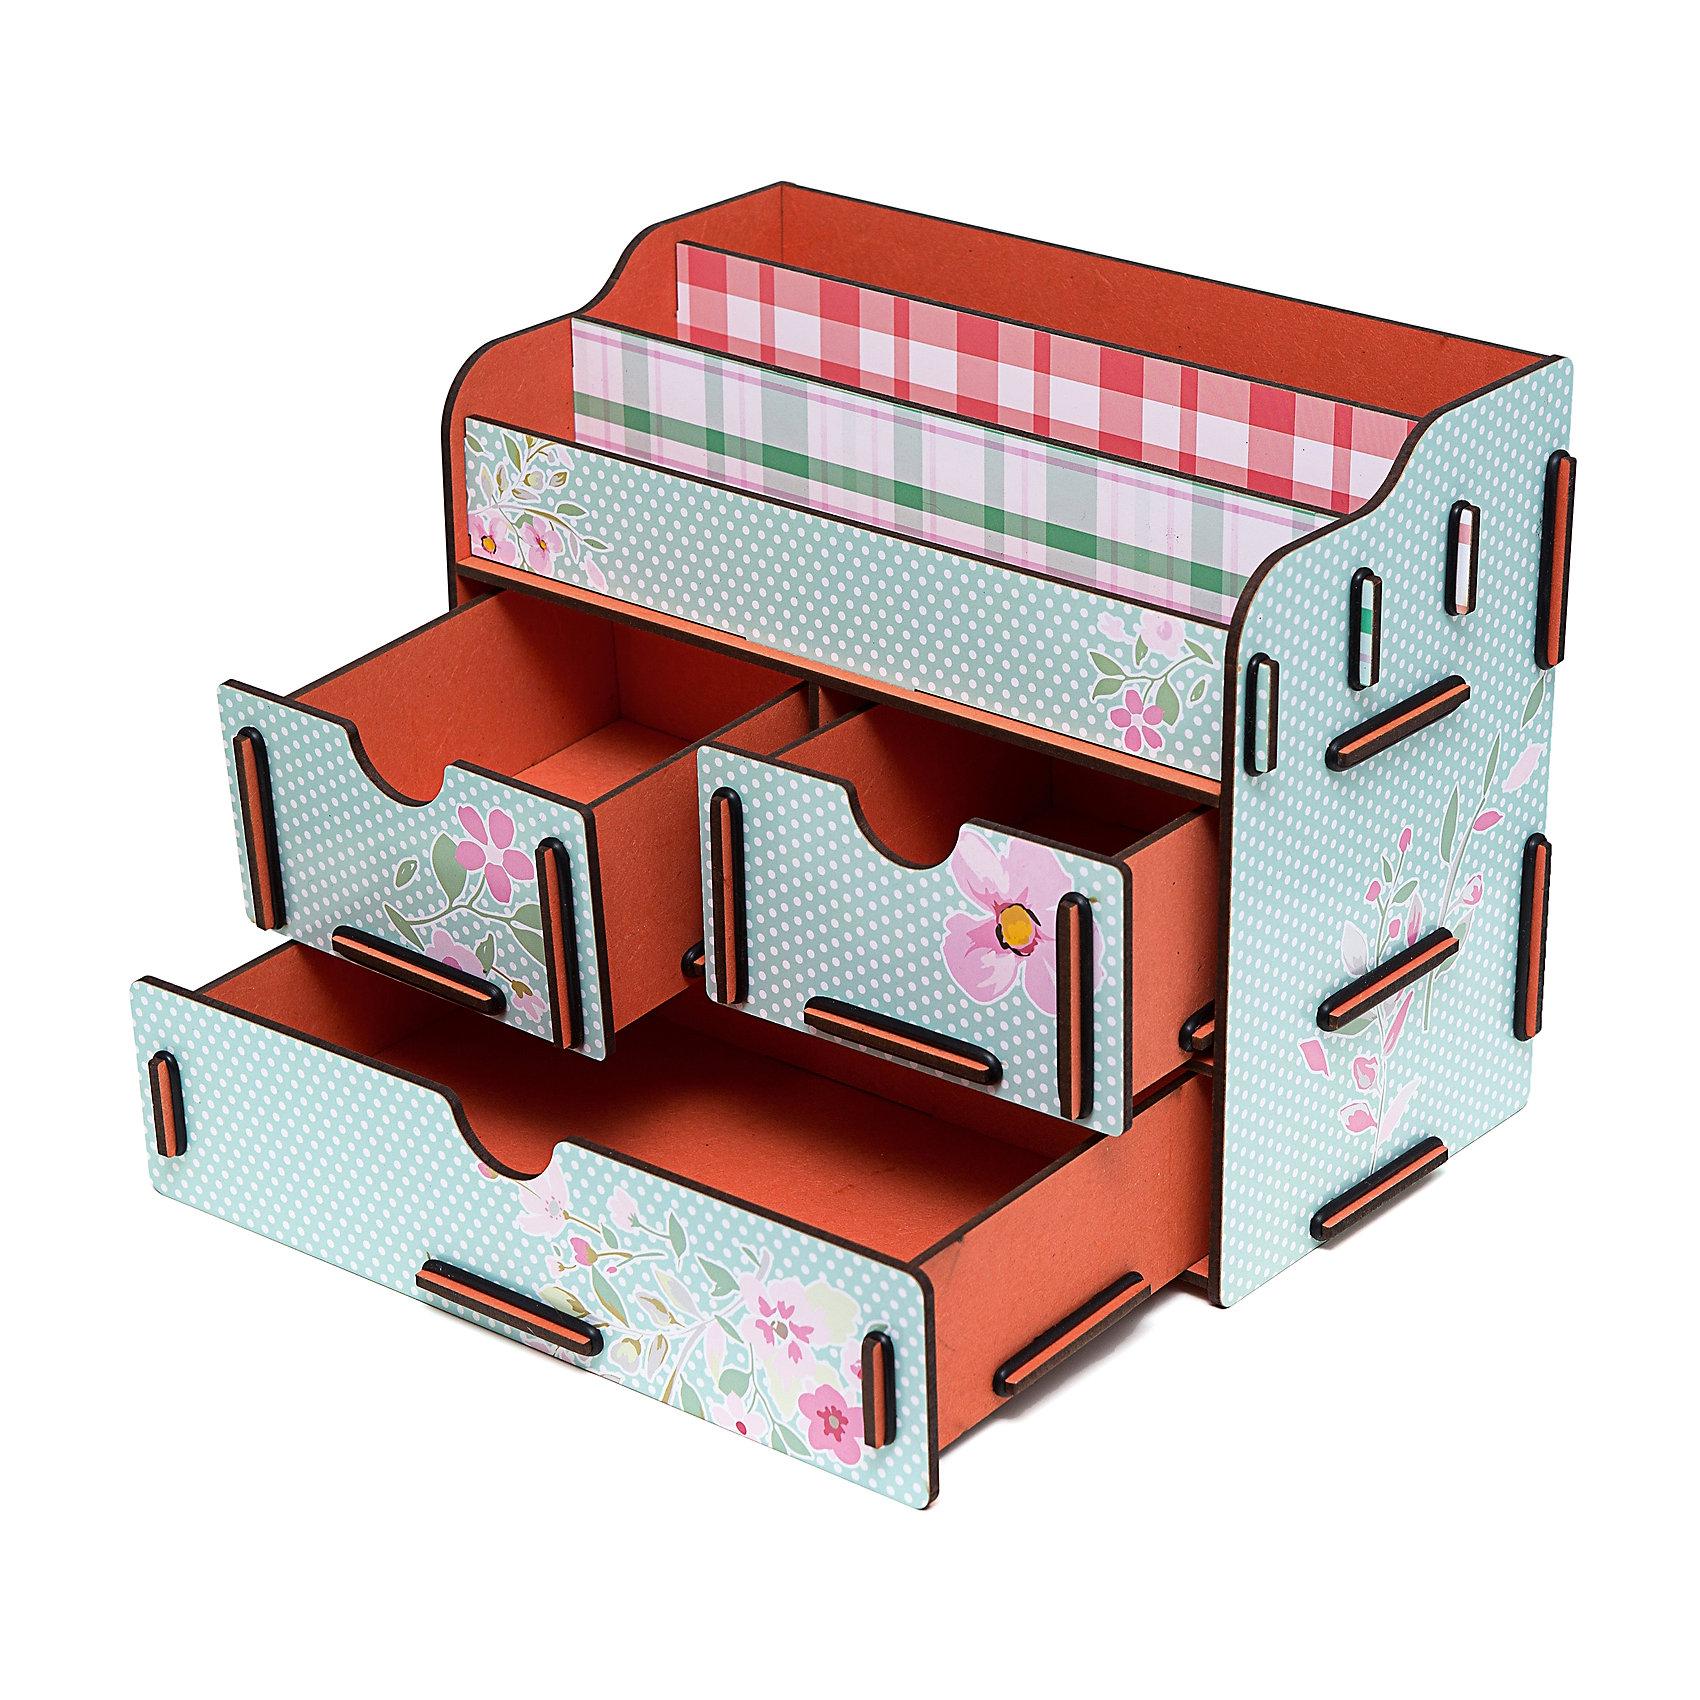 Органайзер для косметики и украшений 6, HomsuПредметы интерьера<br>Органайзер для косметики и украшений благодаря двум маленьким ящикам размером 11Х14, 5см и одному большому ящику размером 22Х14, 5см позволяет разместить все самое необходимое для женщины и всегда иметь это под рукой. Этот оригинальный сундучок имеет также 3 полочки сверху для хранения косметики, парфюмерии и аксессуаров, его можно поставить на столе, он станет отличным дополнением интерьера.<br><br>Ширина мм: 200<br>Глубина мм: 240<br>Высота мм: 50<br>Вес г: 1300<br>Возраст от месяцев: 216<br>Возраст до месяцев: 1188<br>Пол: Унисекс<br>Возраст: Детский<br>SKU: 5620263